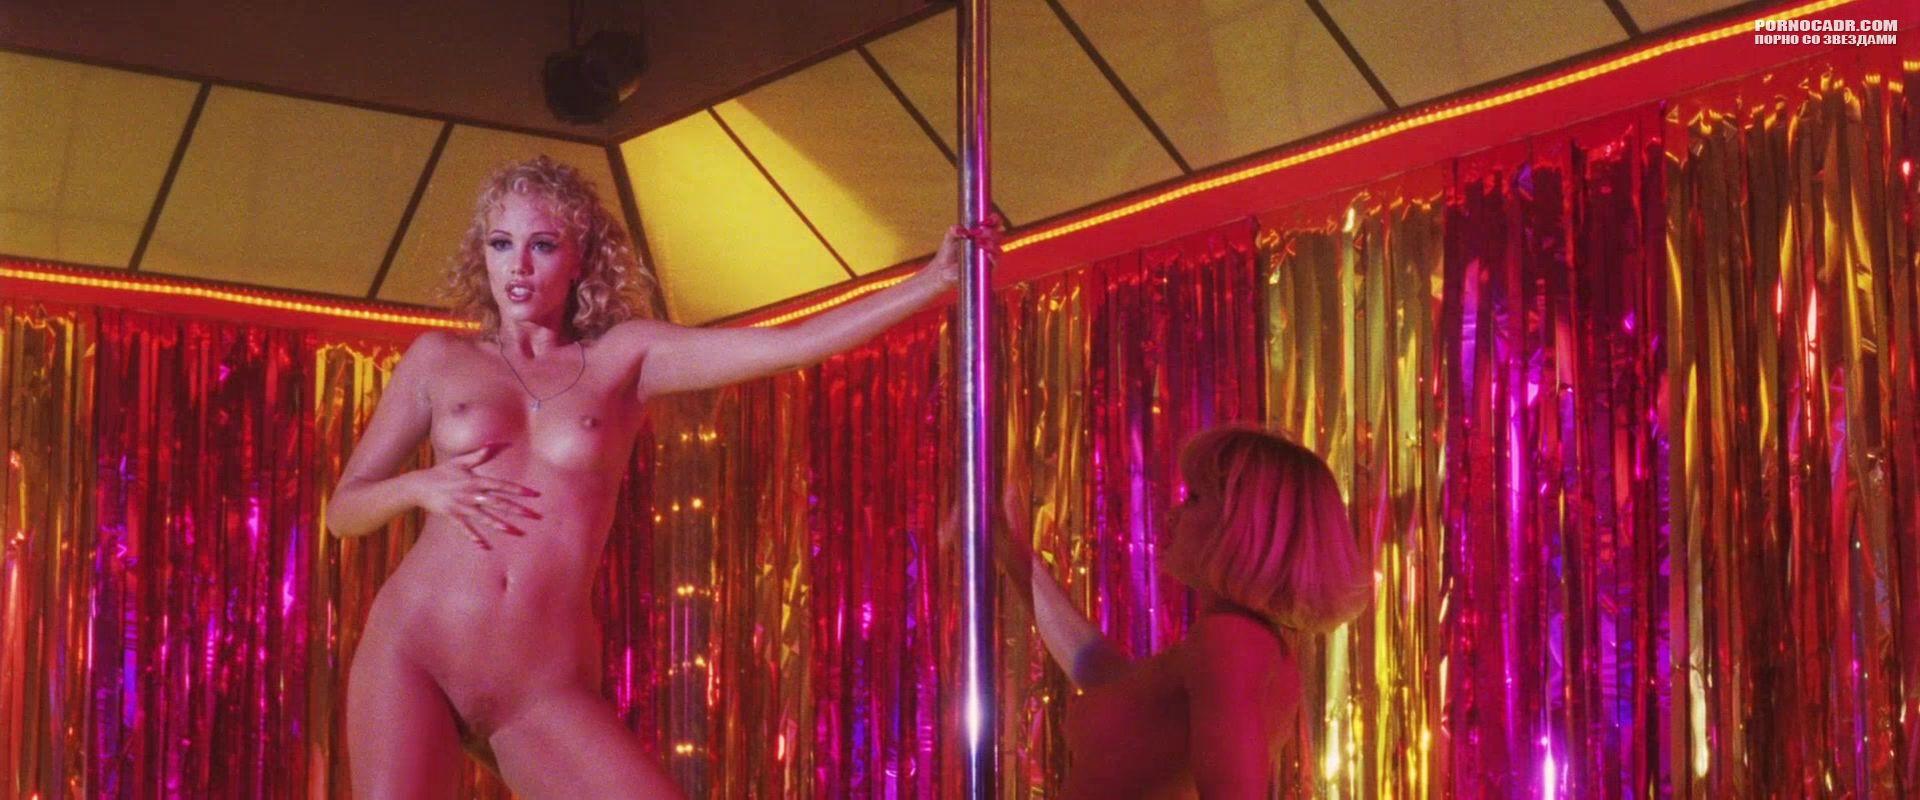 Порно видео с эвелин из шоу герлз, порно фото старые на зузел